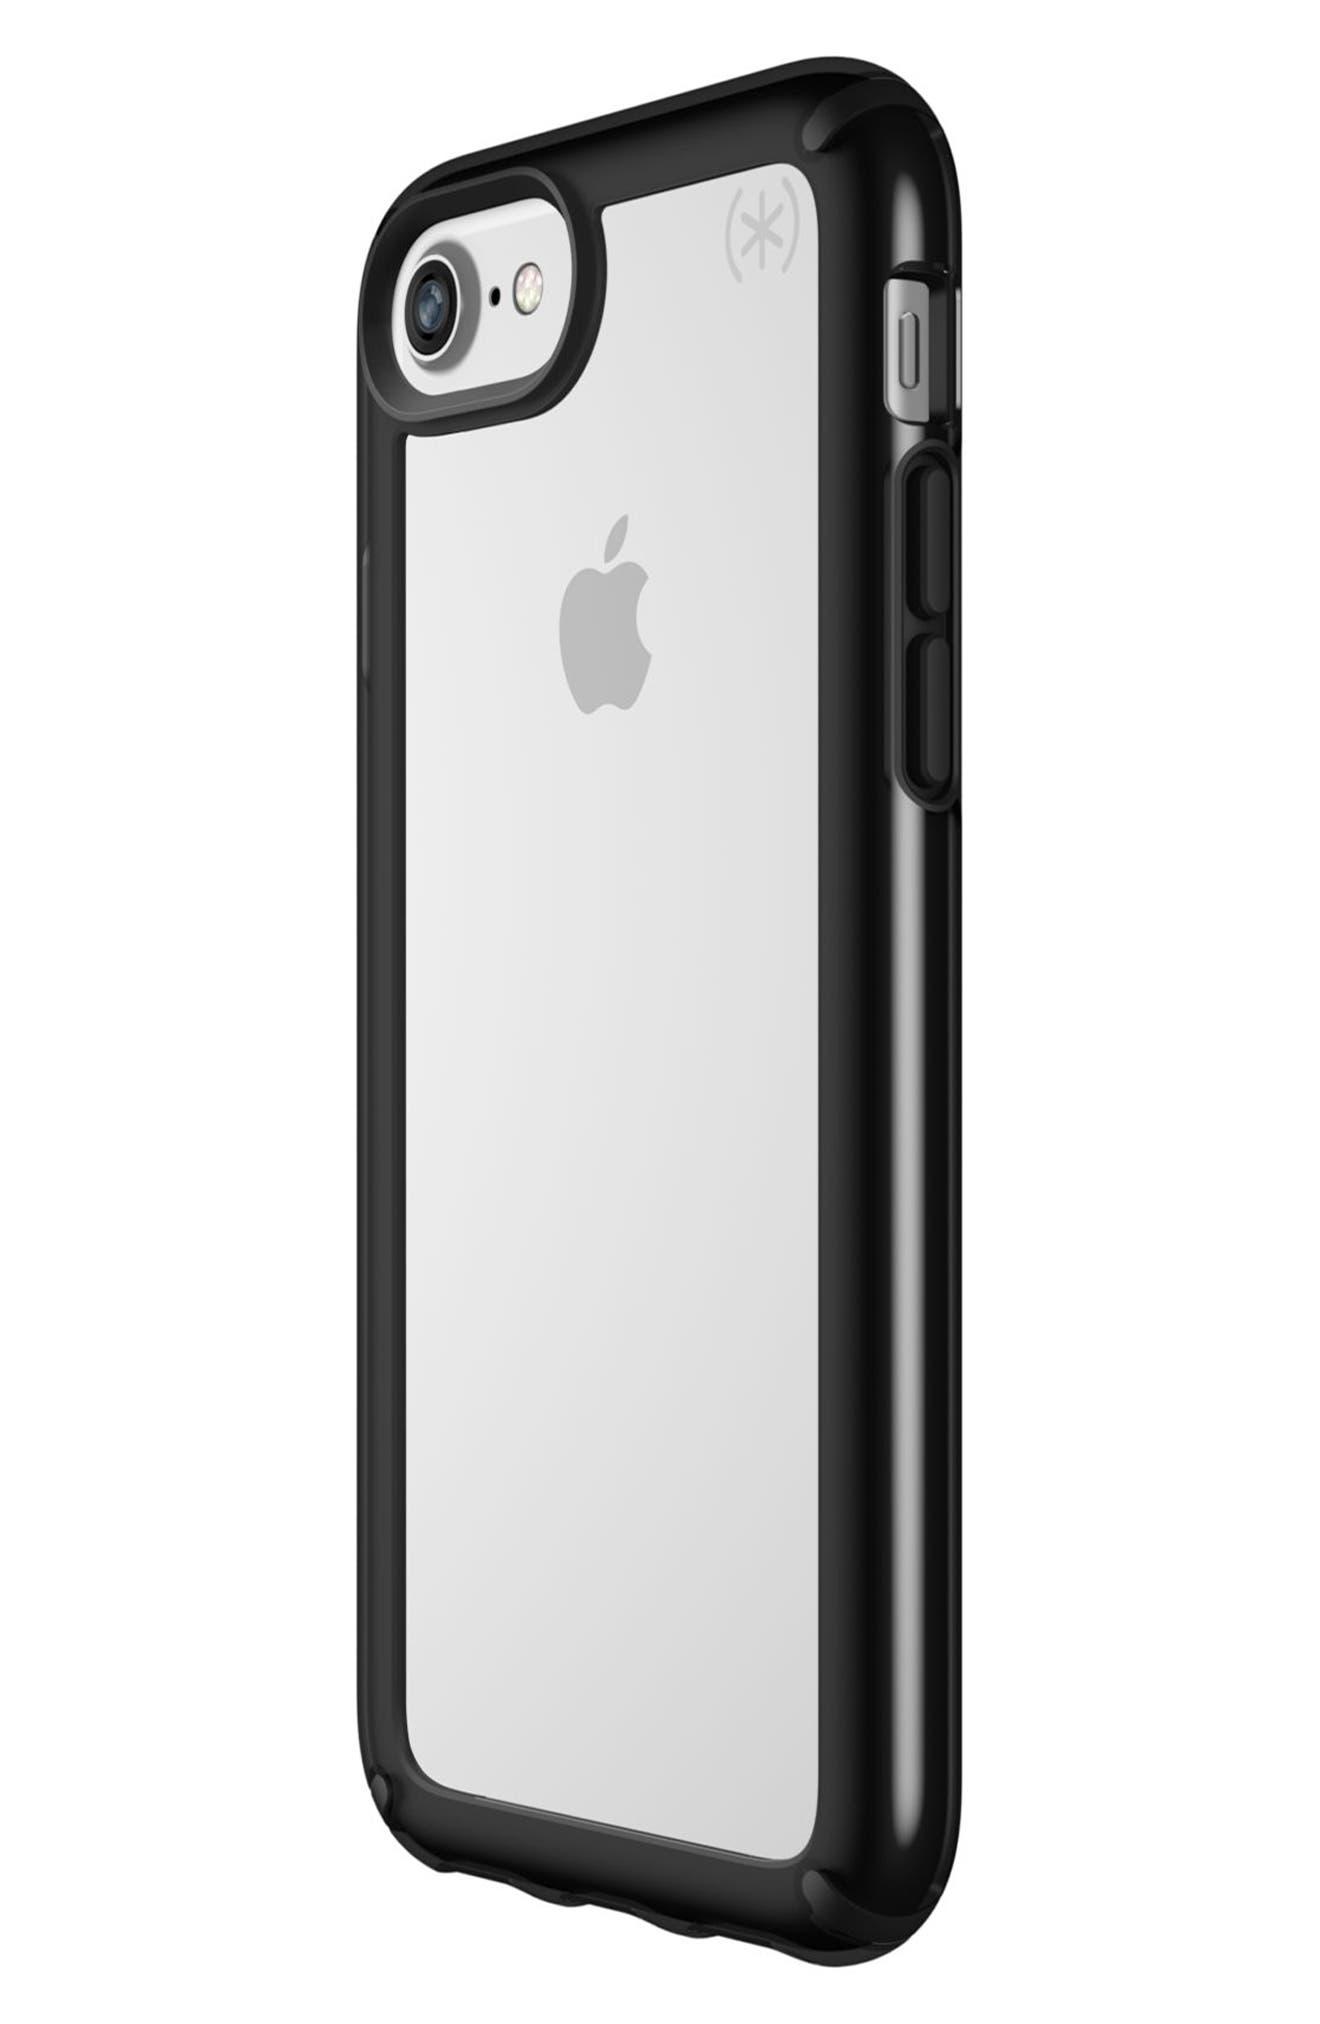 Transparent iPhone 6/6s/7/8 Case,                             Alternate thumbnail 7, color,                             Clear/ Black